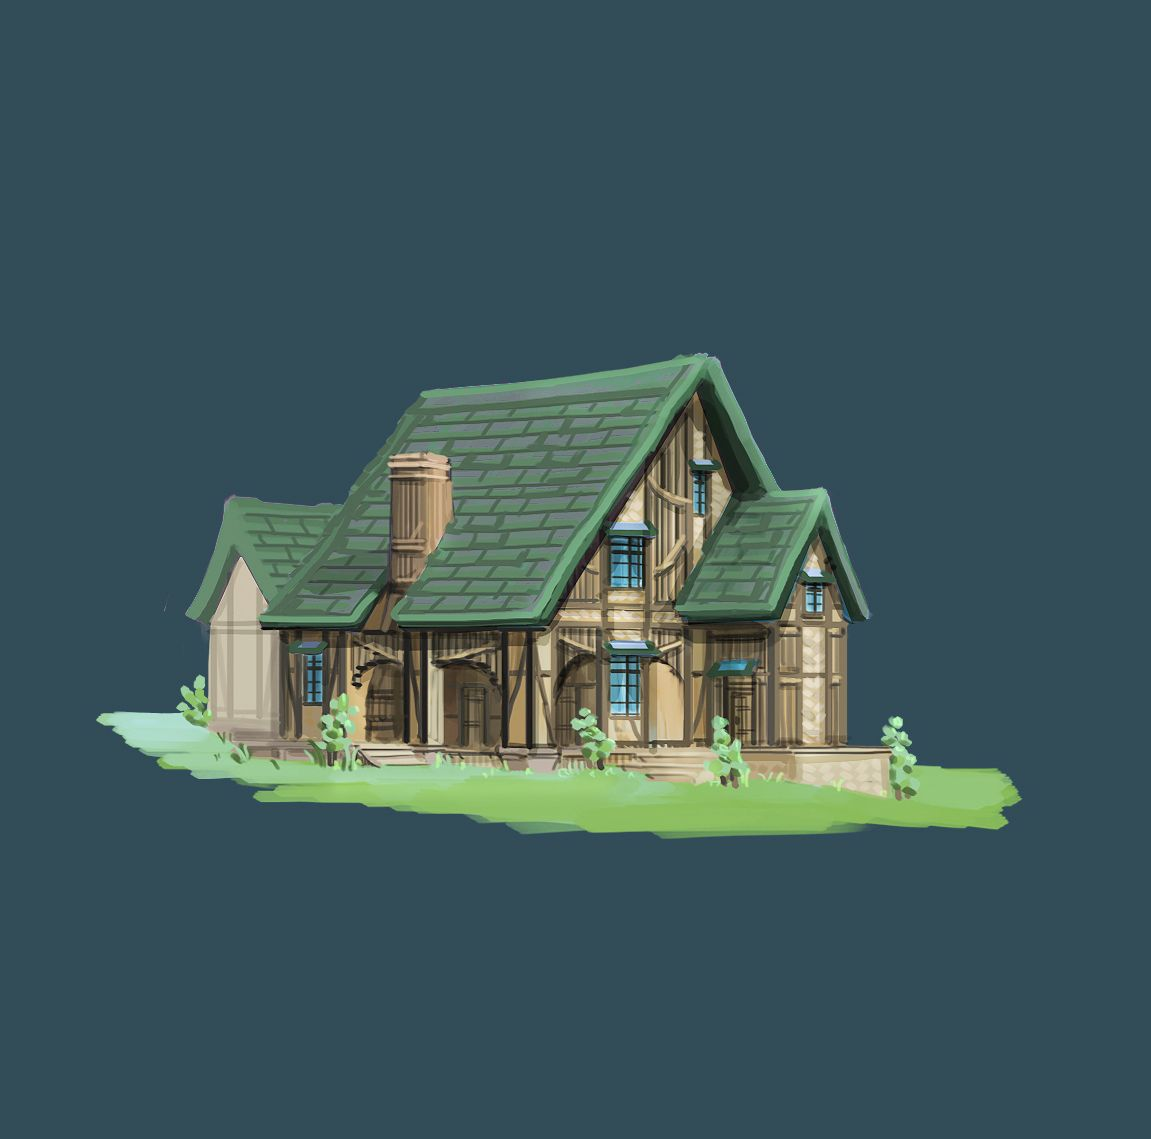 녹색 지붕 건물  #art #artwork #architecture #design #illustration #photoshop #cs6 #그림 #fantasy #conceptart #landscape #game #gameart #perspective #배경원화 #지제이#painting #color #minimal